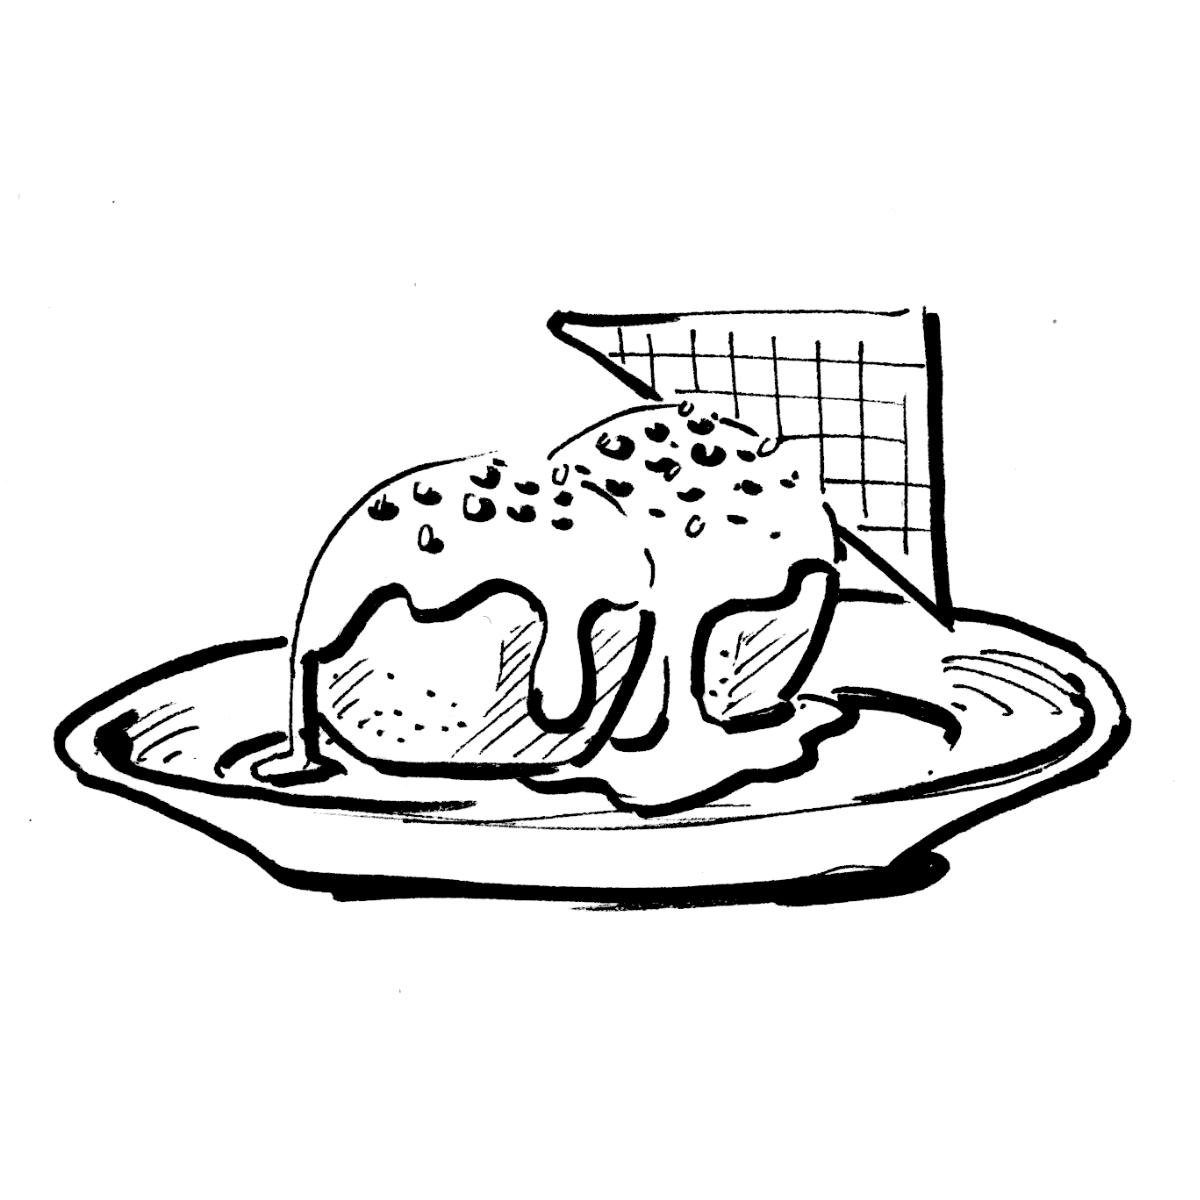 03-vignette-food-menu-hardcore-icecream.jpg